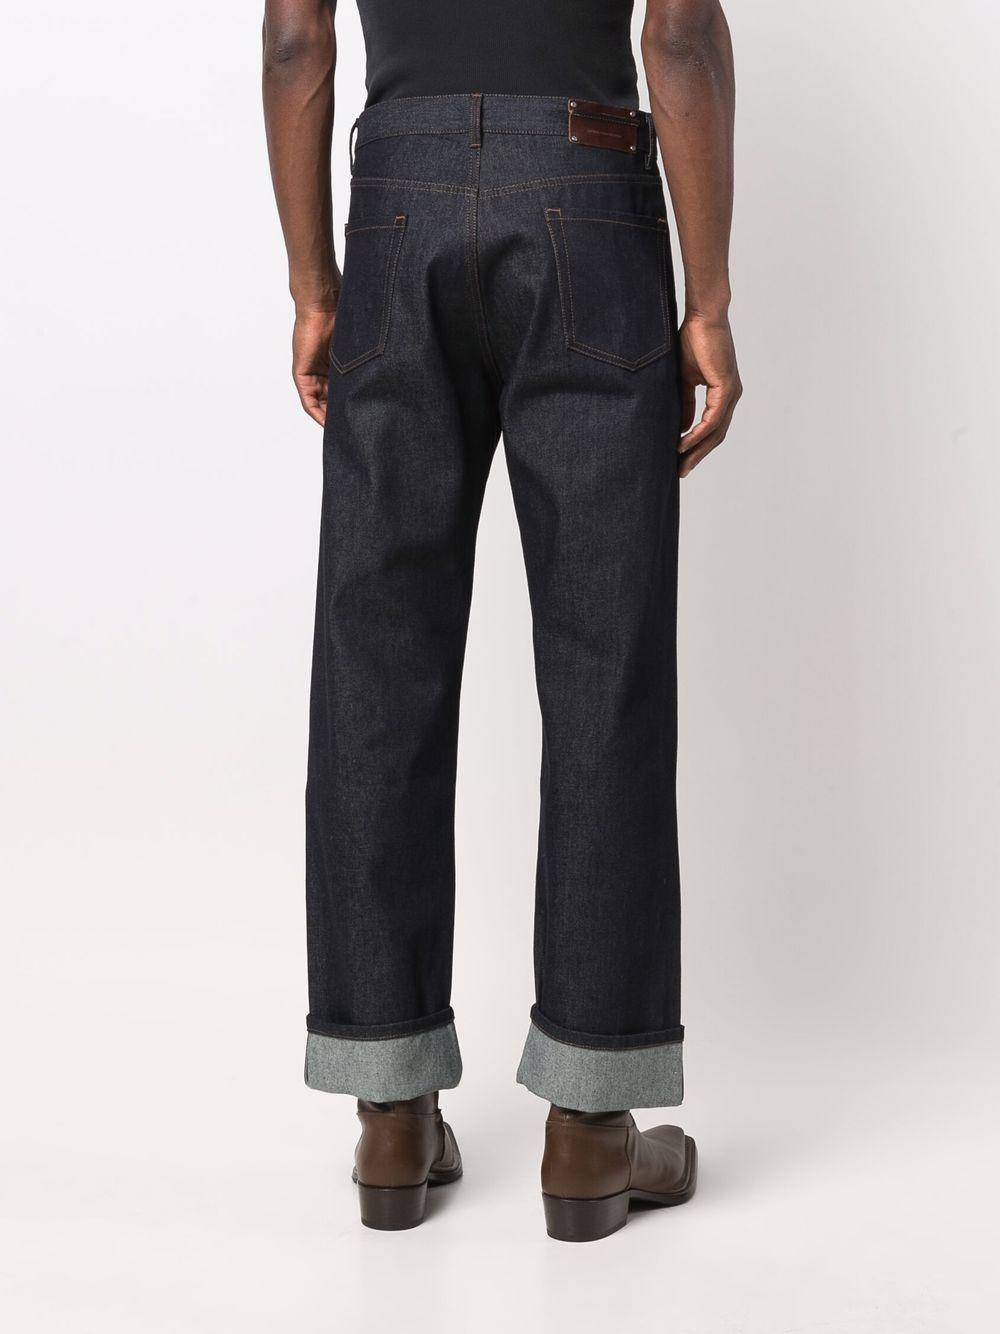 pantheros bis jeans man blue DRIES VAN NOTEN | Trousers | PANTHERO BIS 3373507